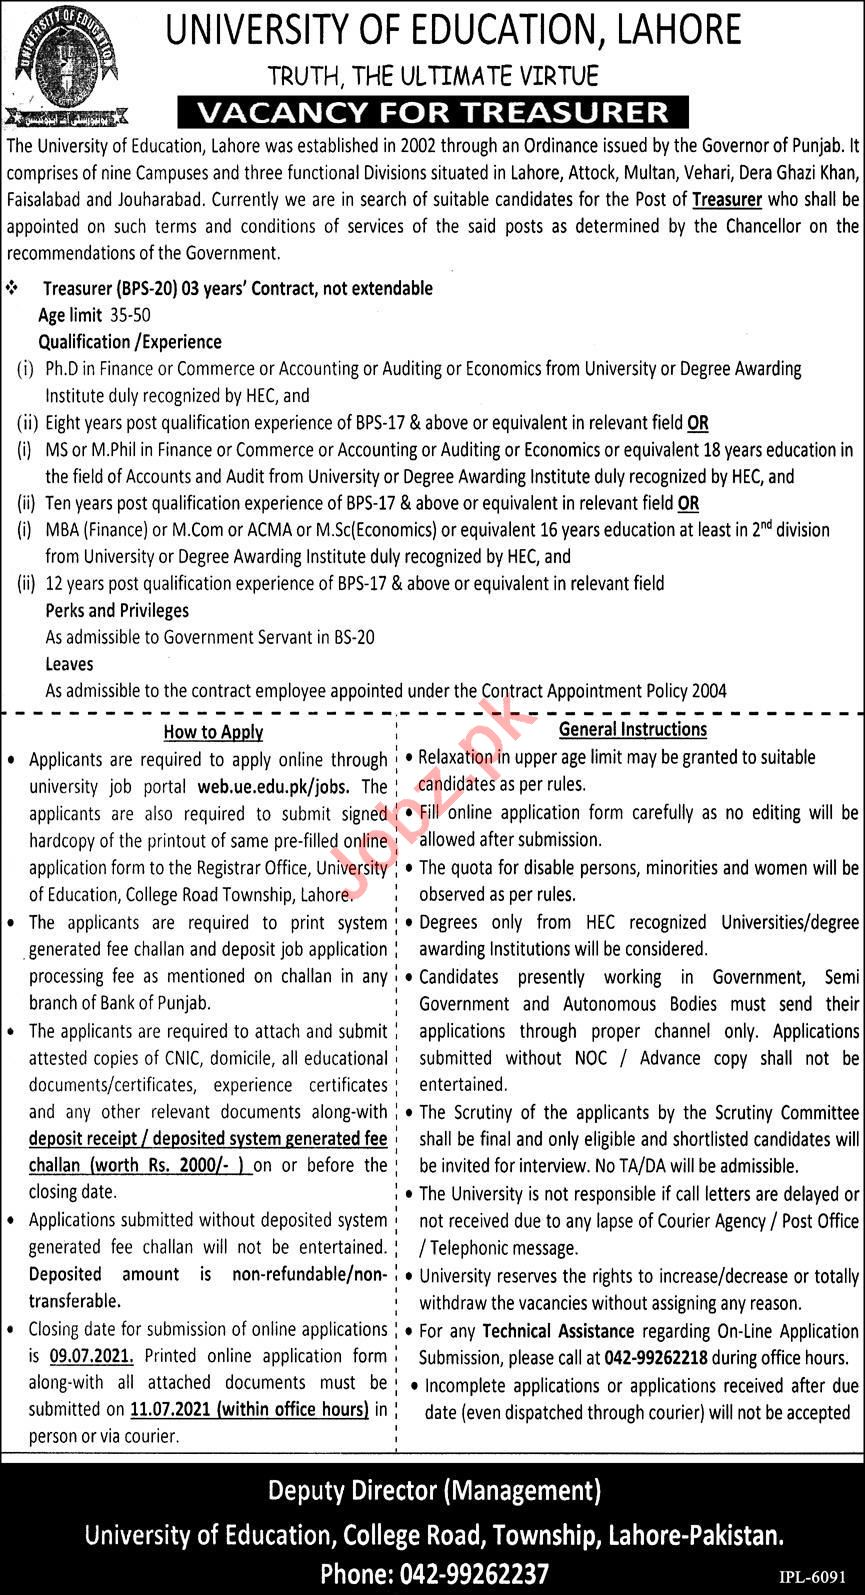 University of Education Lahore Jobs 2021 for Treasurer